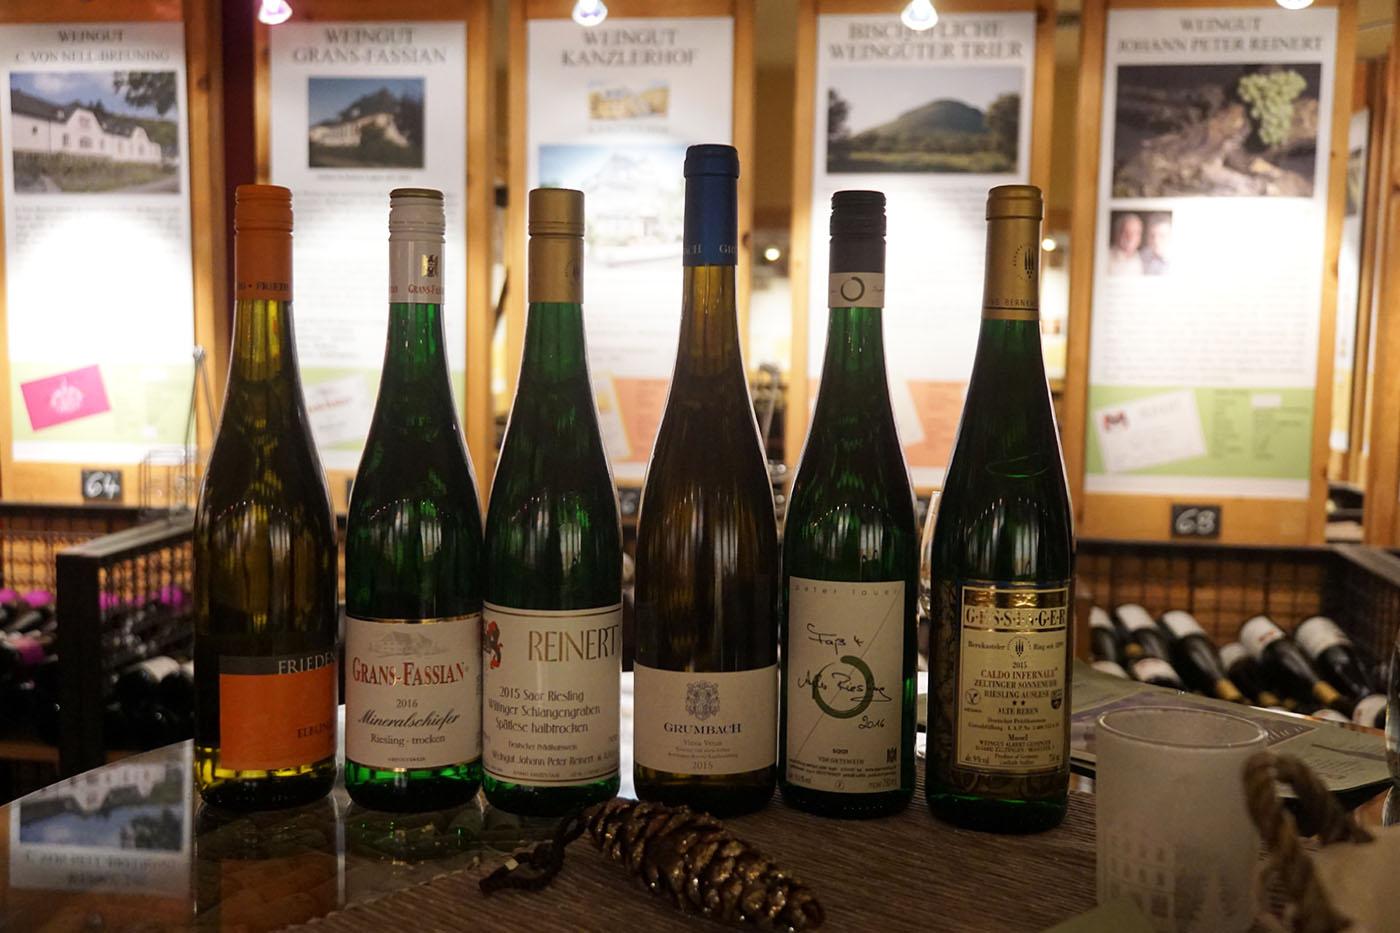 Oechsle Wein Fischhaus